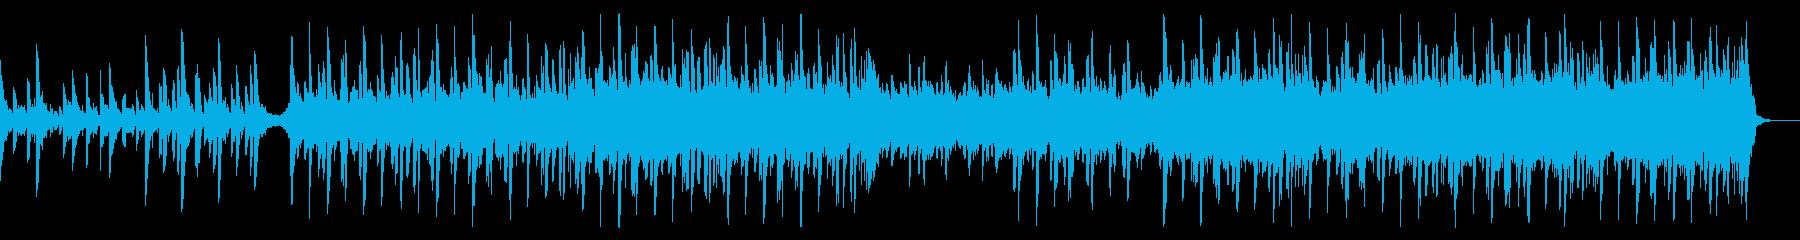 ダブステップ レトロ ポジティブ ...の再生済みの波形